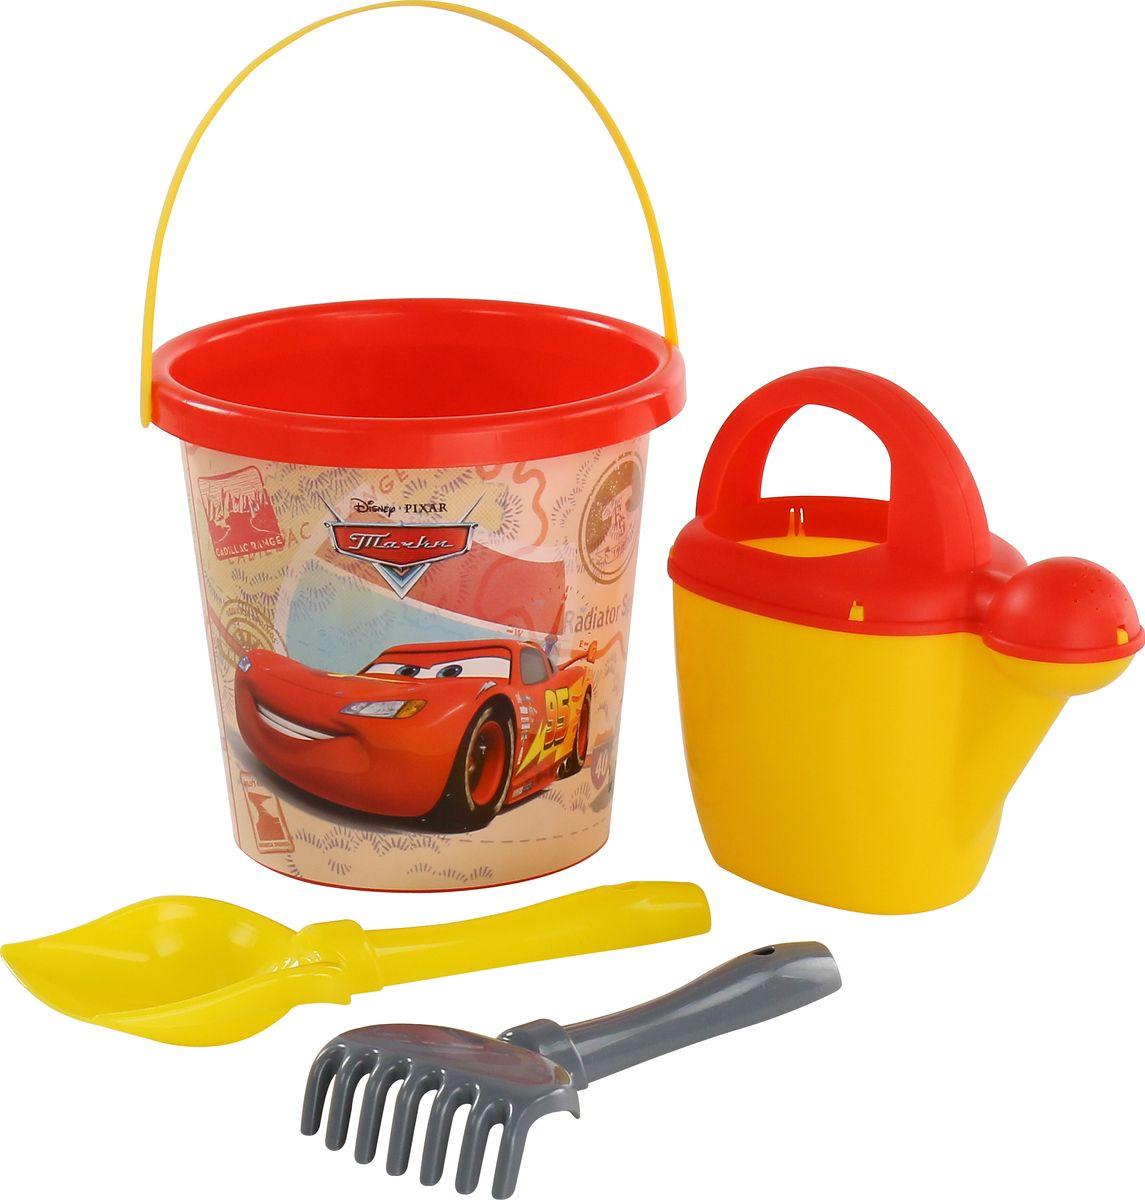 Disney / Pixar Набор игрушек для песочницы Тачки №17, 4 предмета, цвет в ассортименте